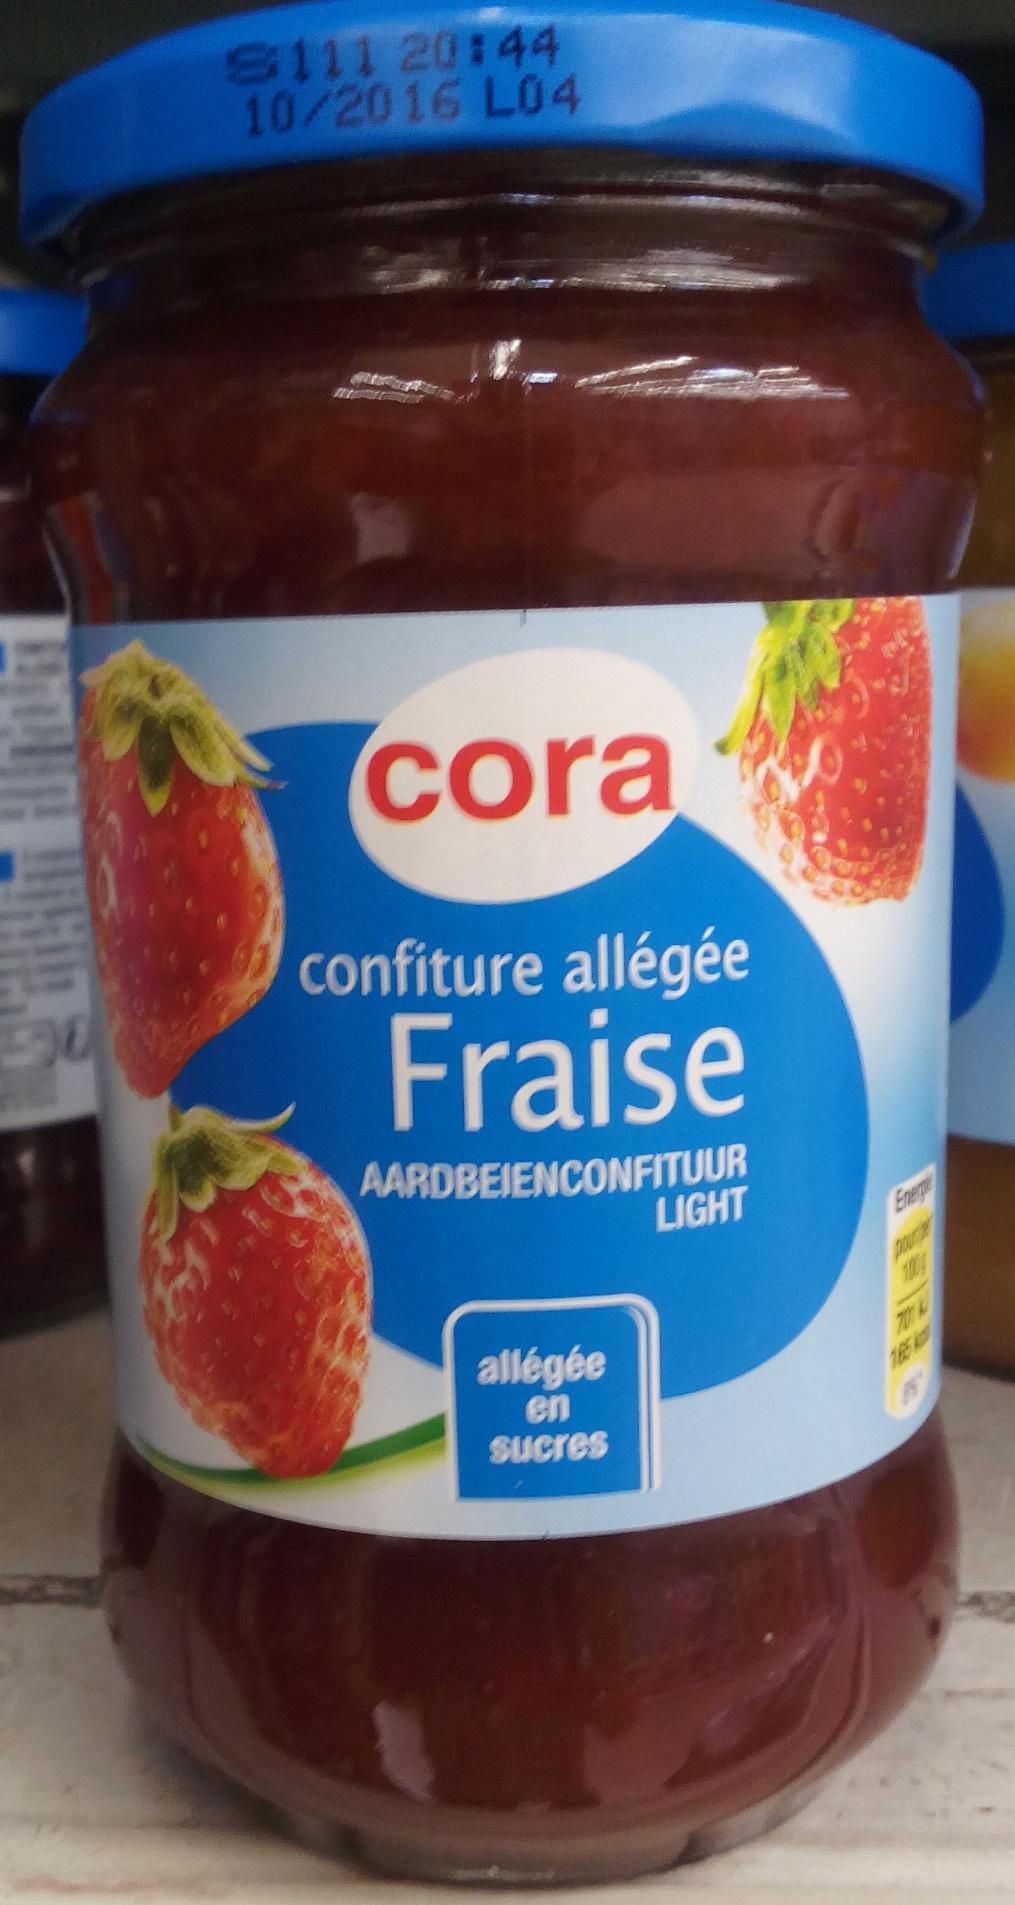 confiture de fraise allegee